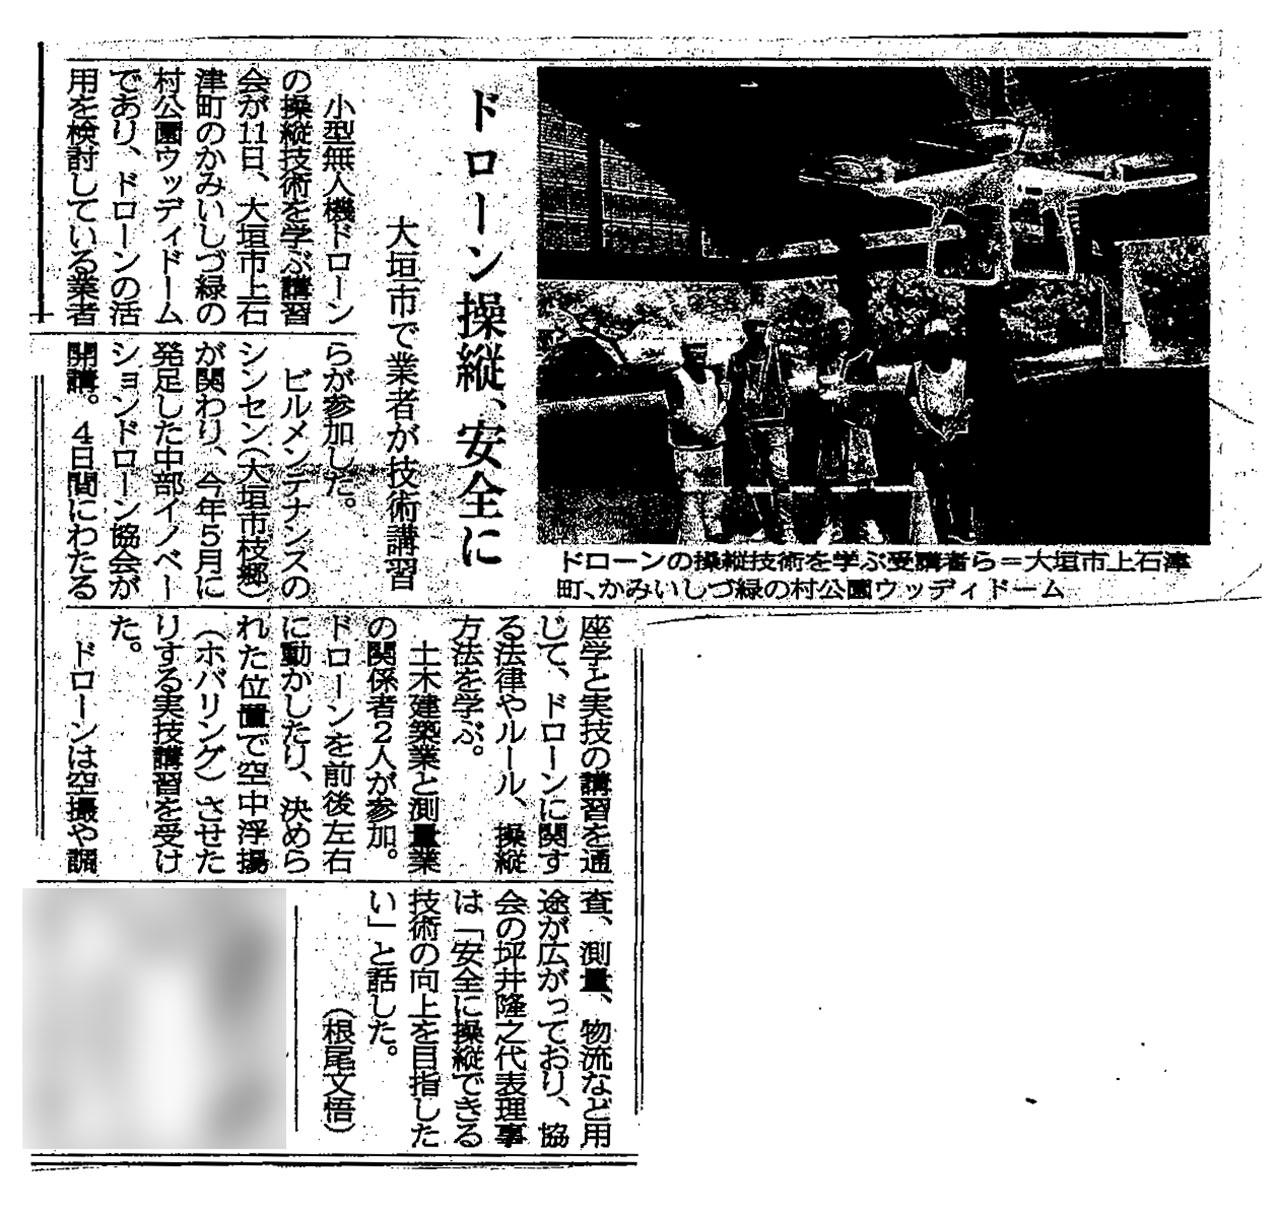 岐阜新聞 7月12日朝刊 該当紙面